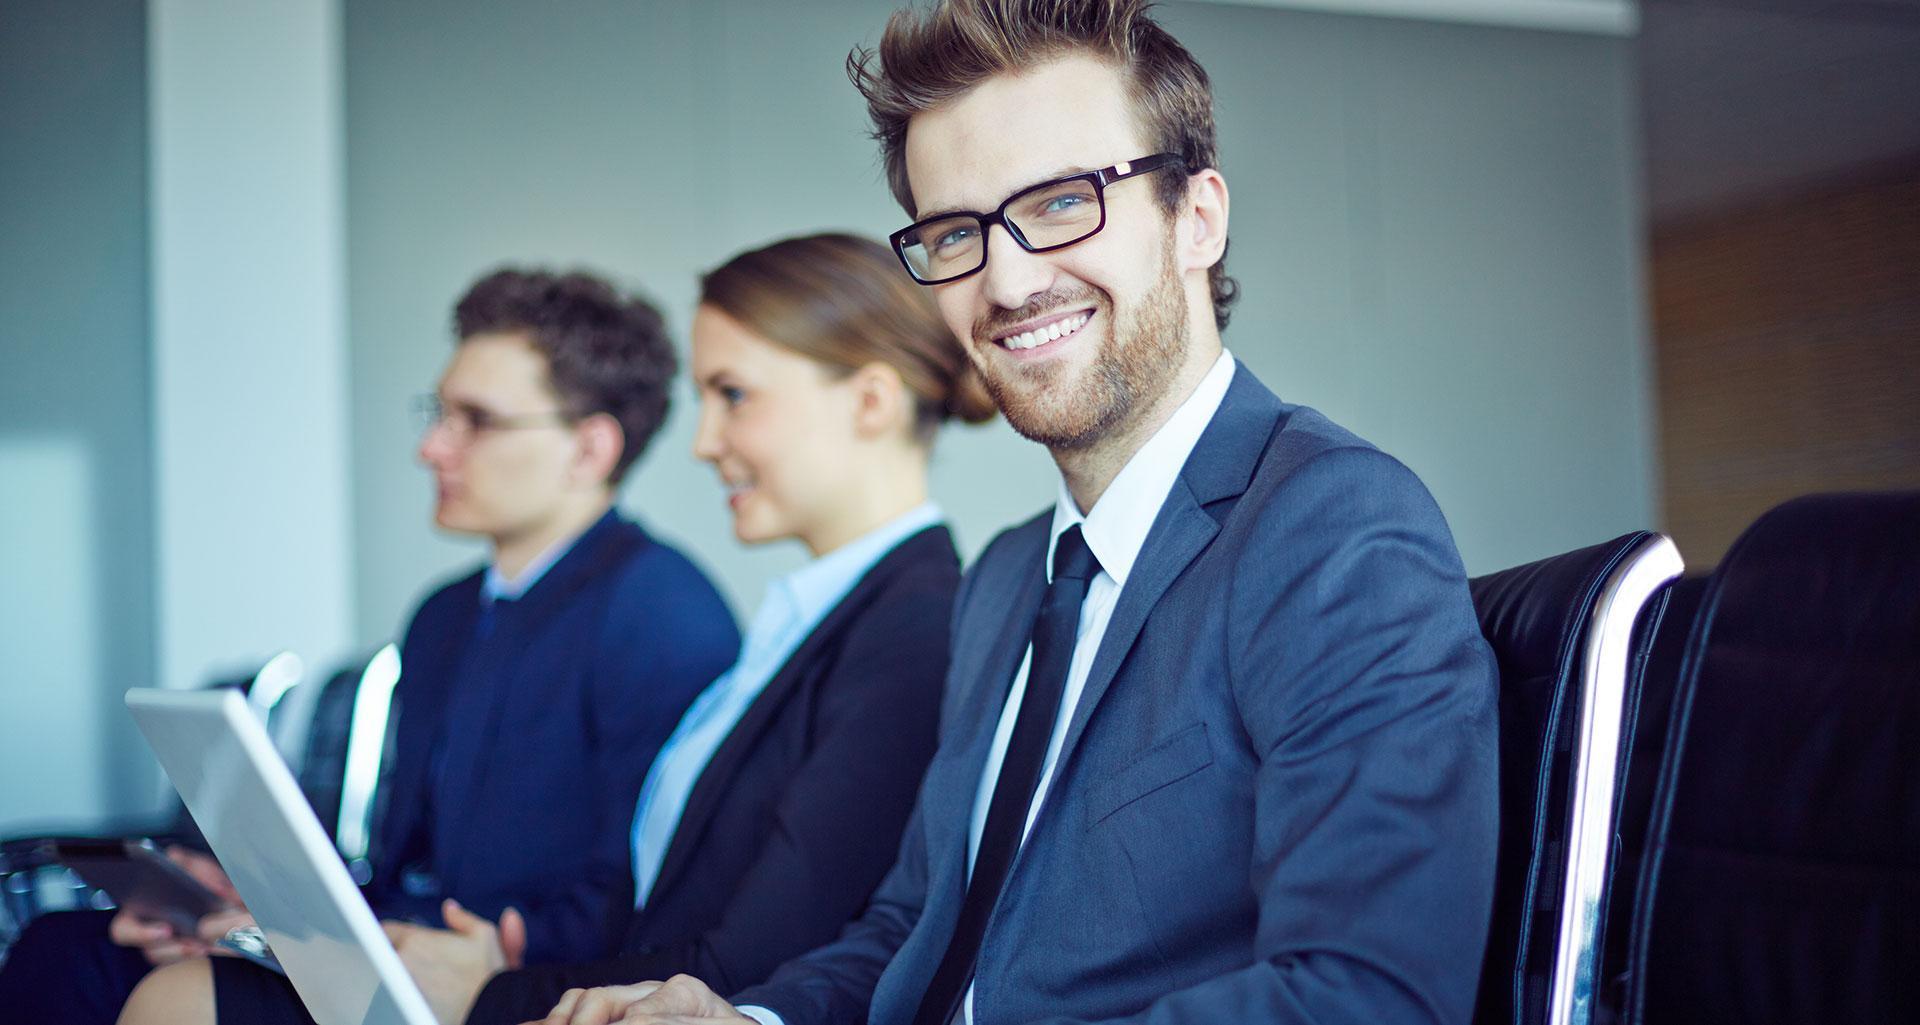 Embauche conjoit JobConjoints